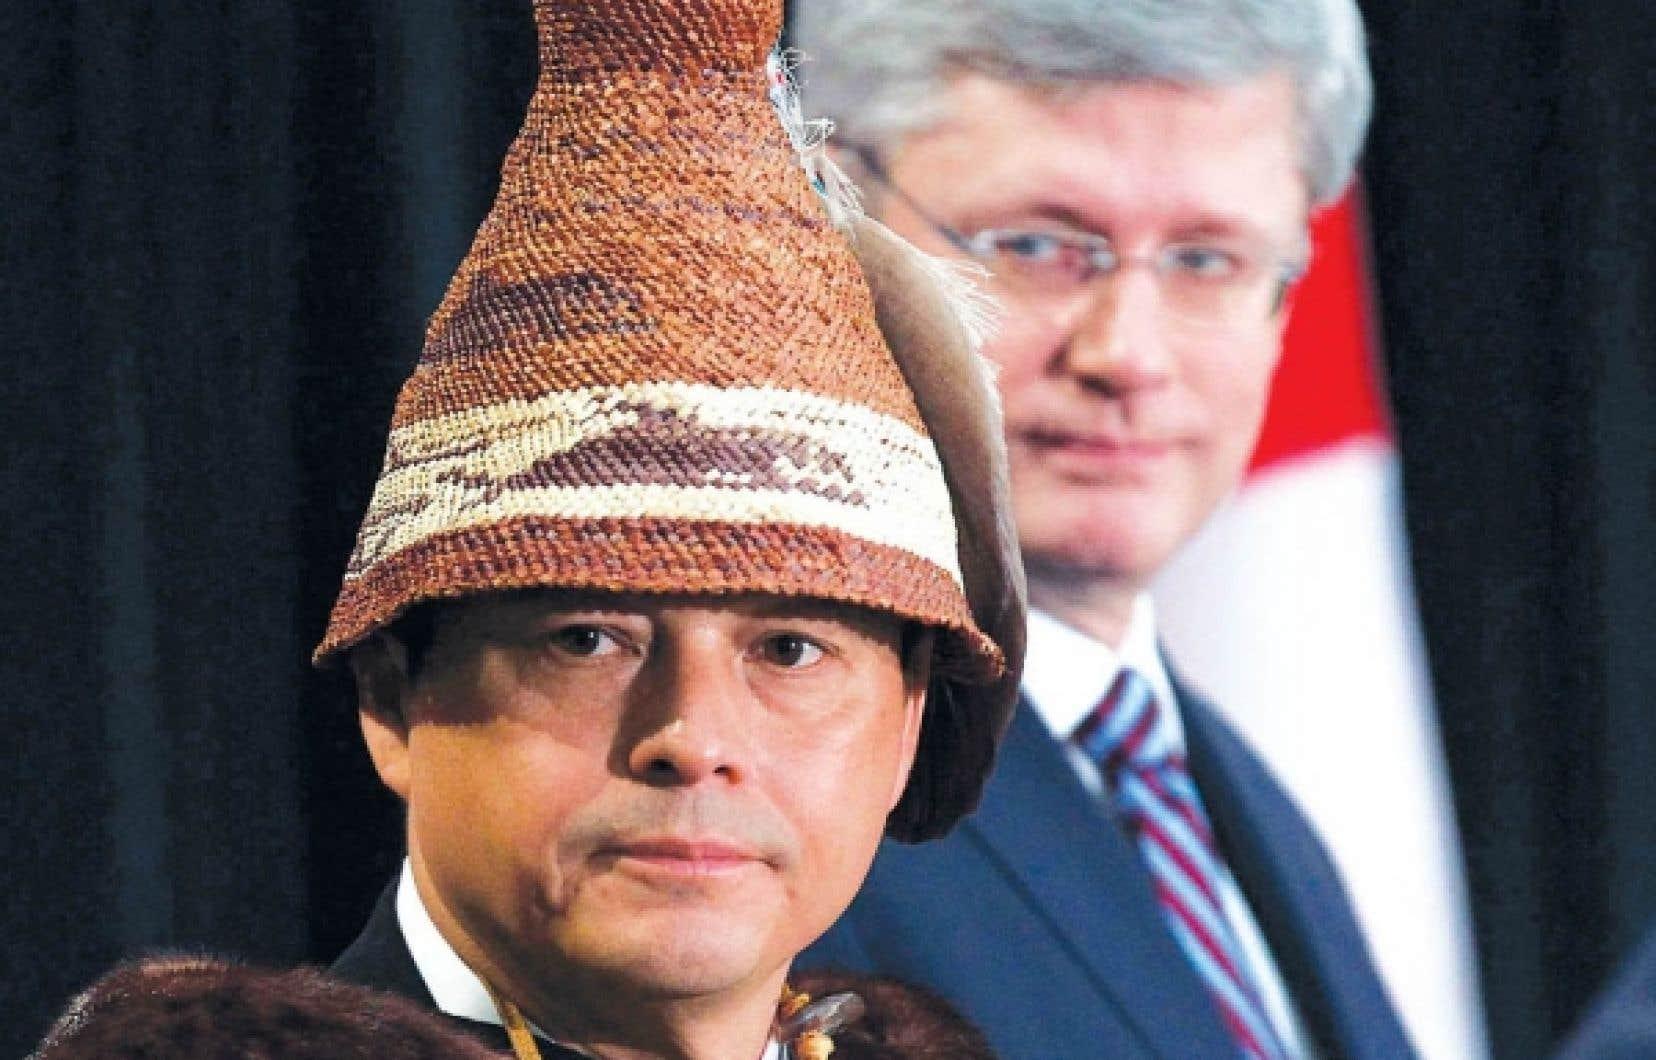 Le chef national de l'Assemblée des Premières Nations, Shawn Atleo, portait le costume traditionnel de la nation Ahousaht, de Colombie-Britannique, hier, à Ottawa, lors de l'ouverture de la grande rencontre à laquelle ont pris part le premier ministre Stephen Harper, de hauts responsables du gouvernement fédéral et une centaine de chefs autochtones.